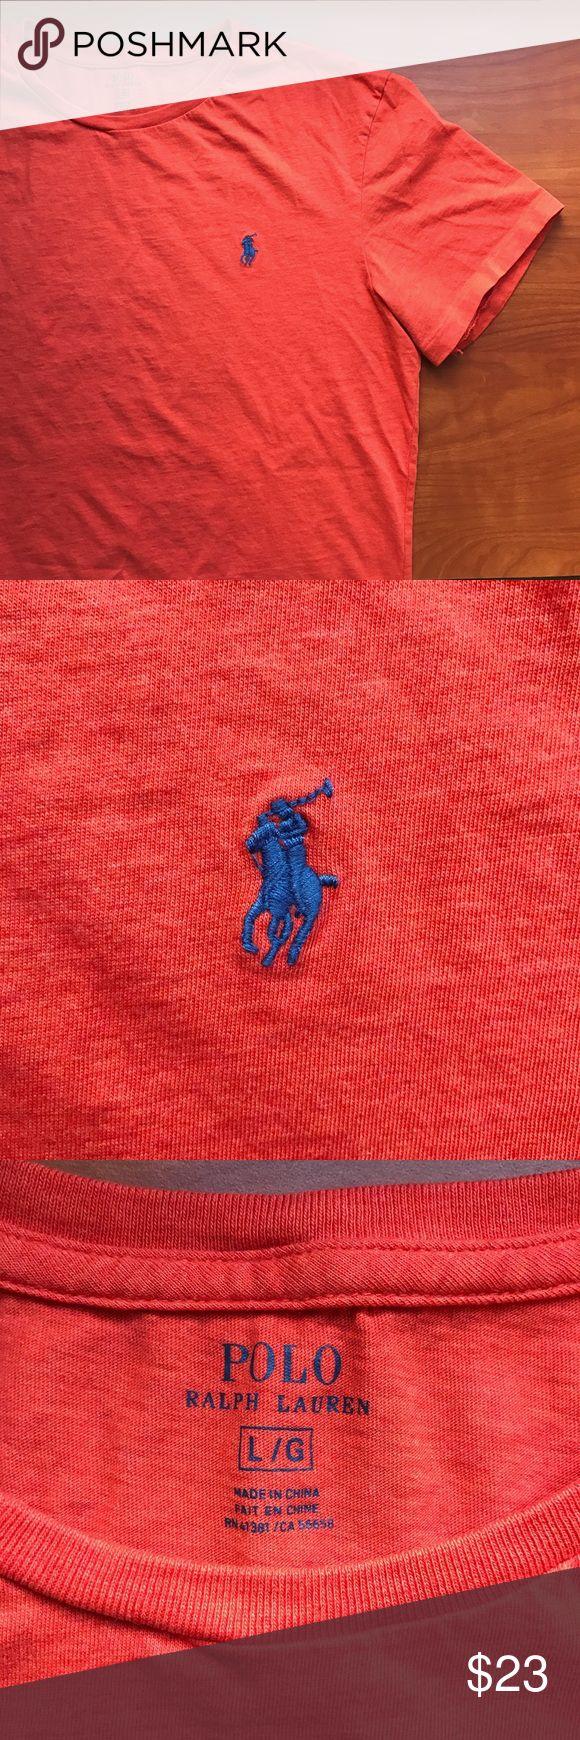 Orange Polo Tee Shirt Orange Polo Tee Shirt by Ralph Lauren. Blue logo. Men's size L. Excellent condition. Worn once. Polo by Ralph Lauren Shirts Tees - Short Sleeve